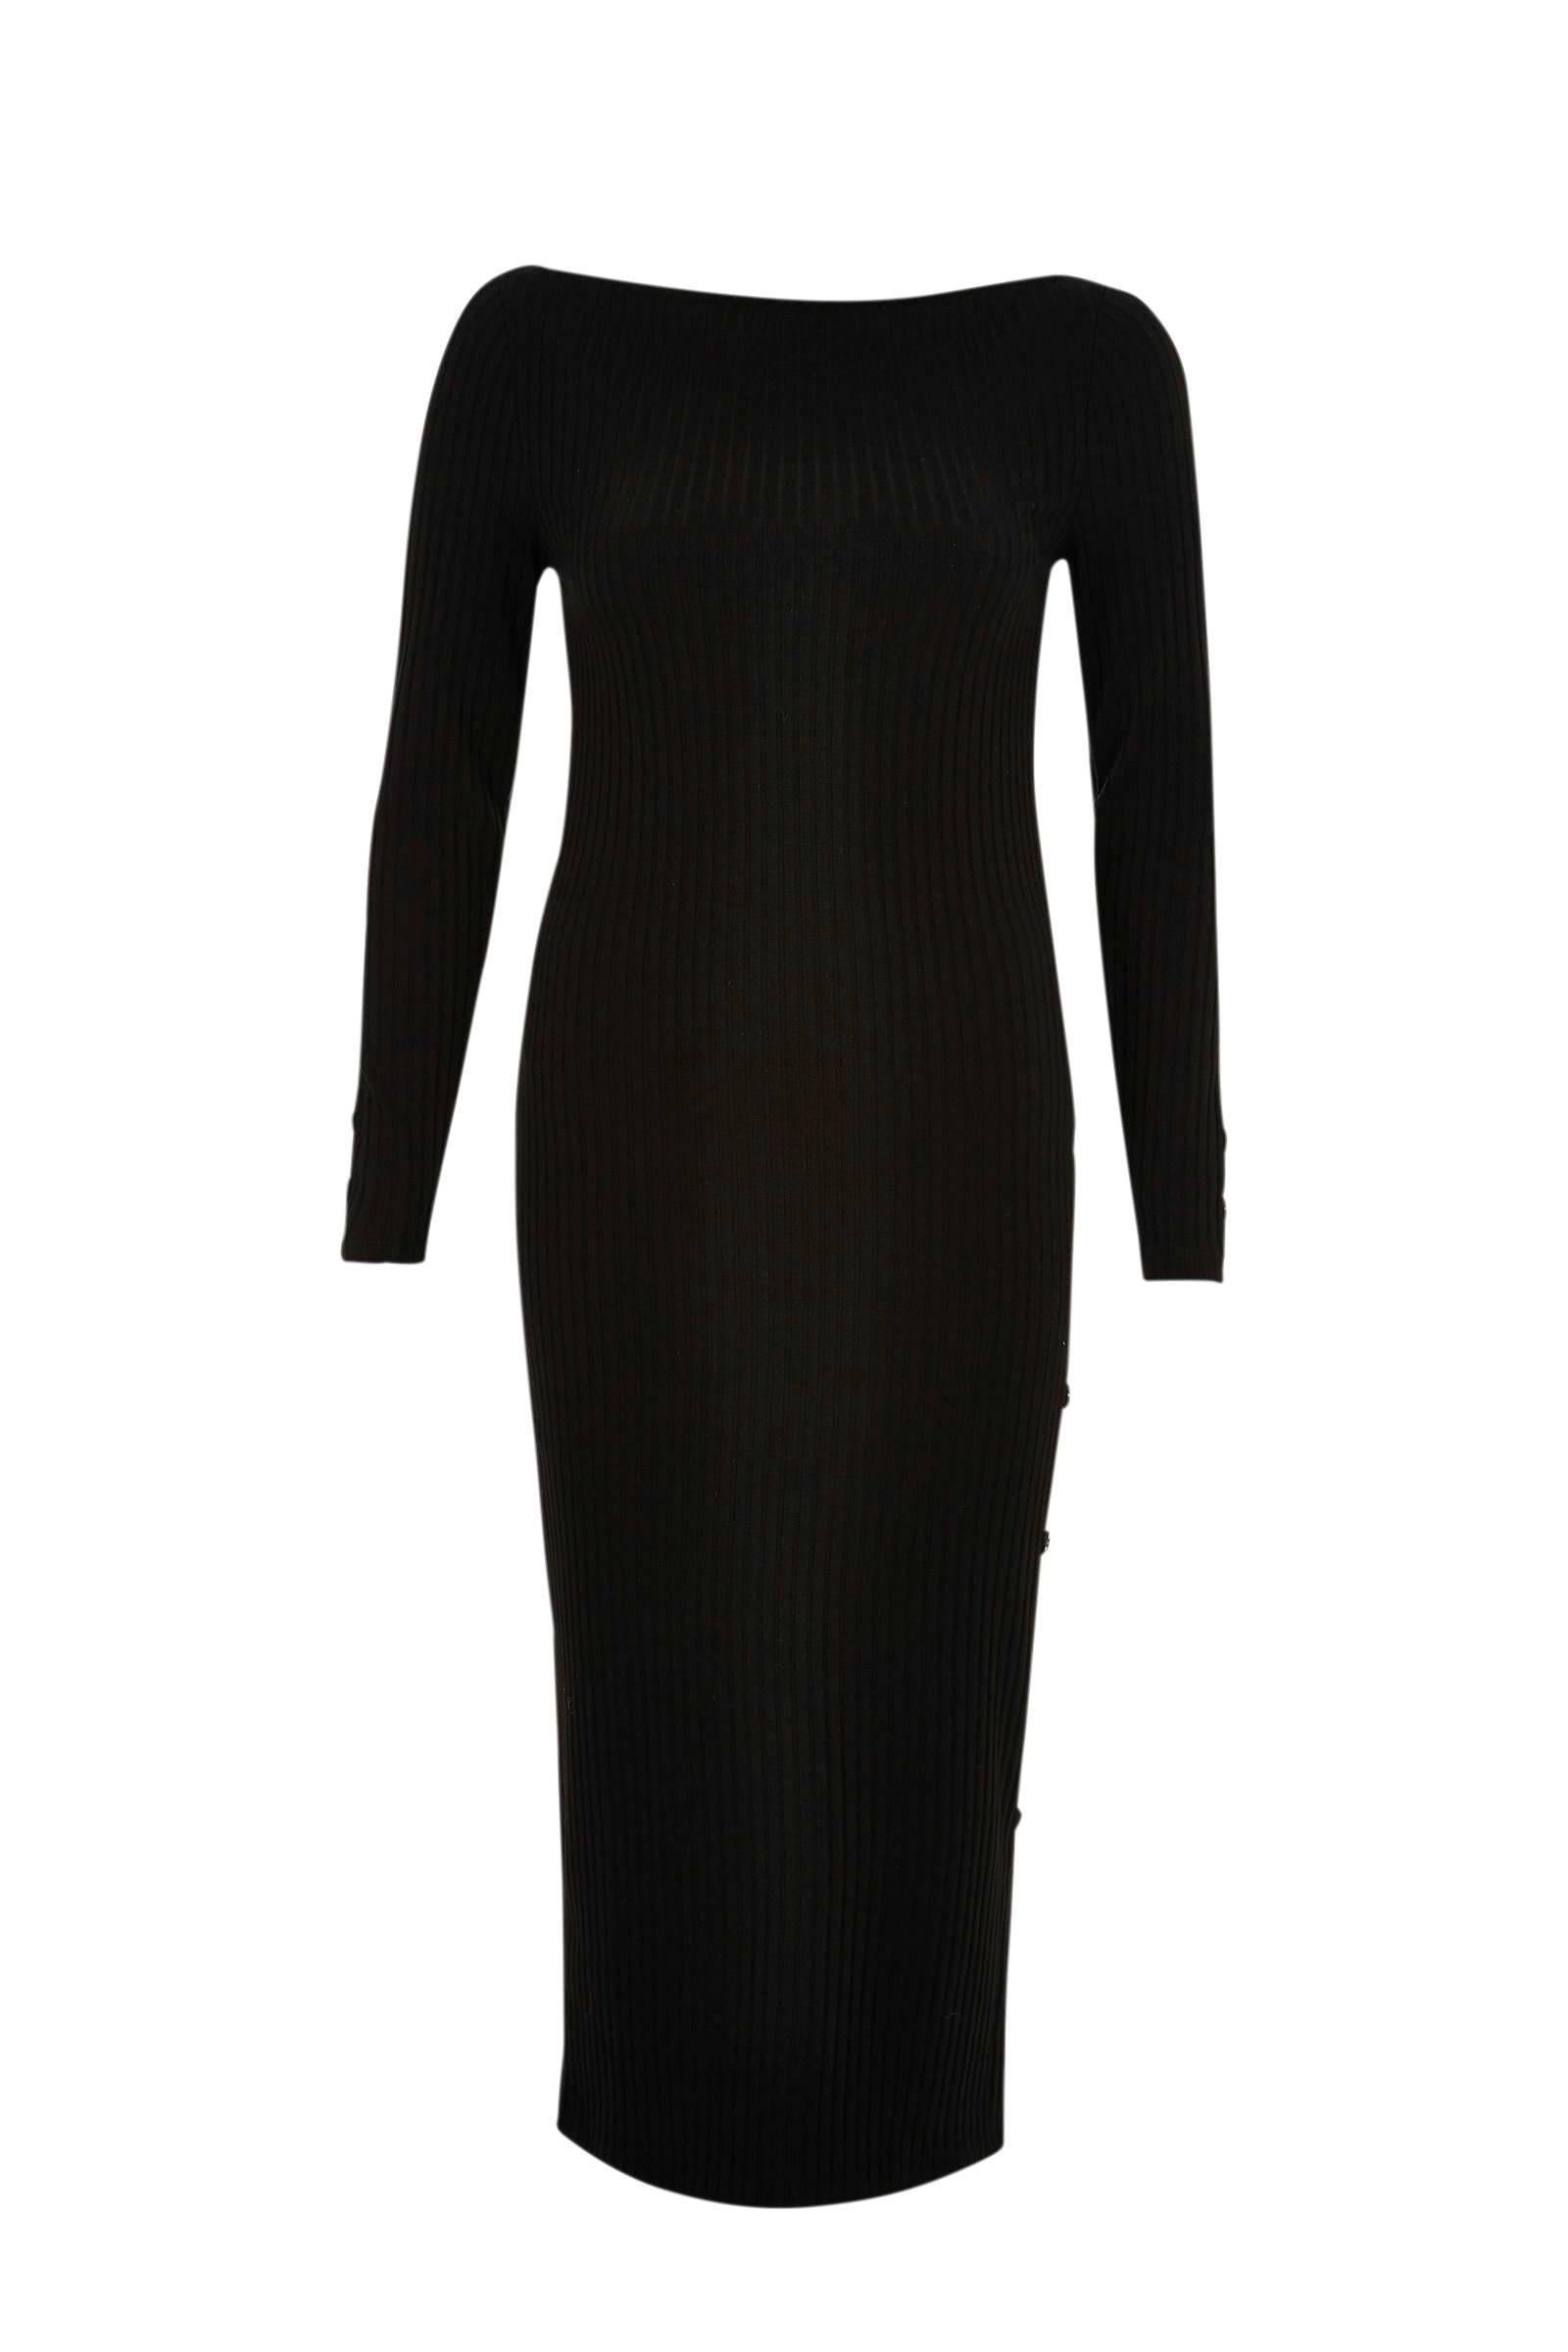 wehkamp zwarte jurk